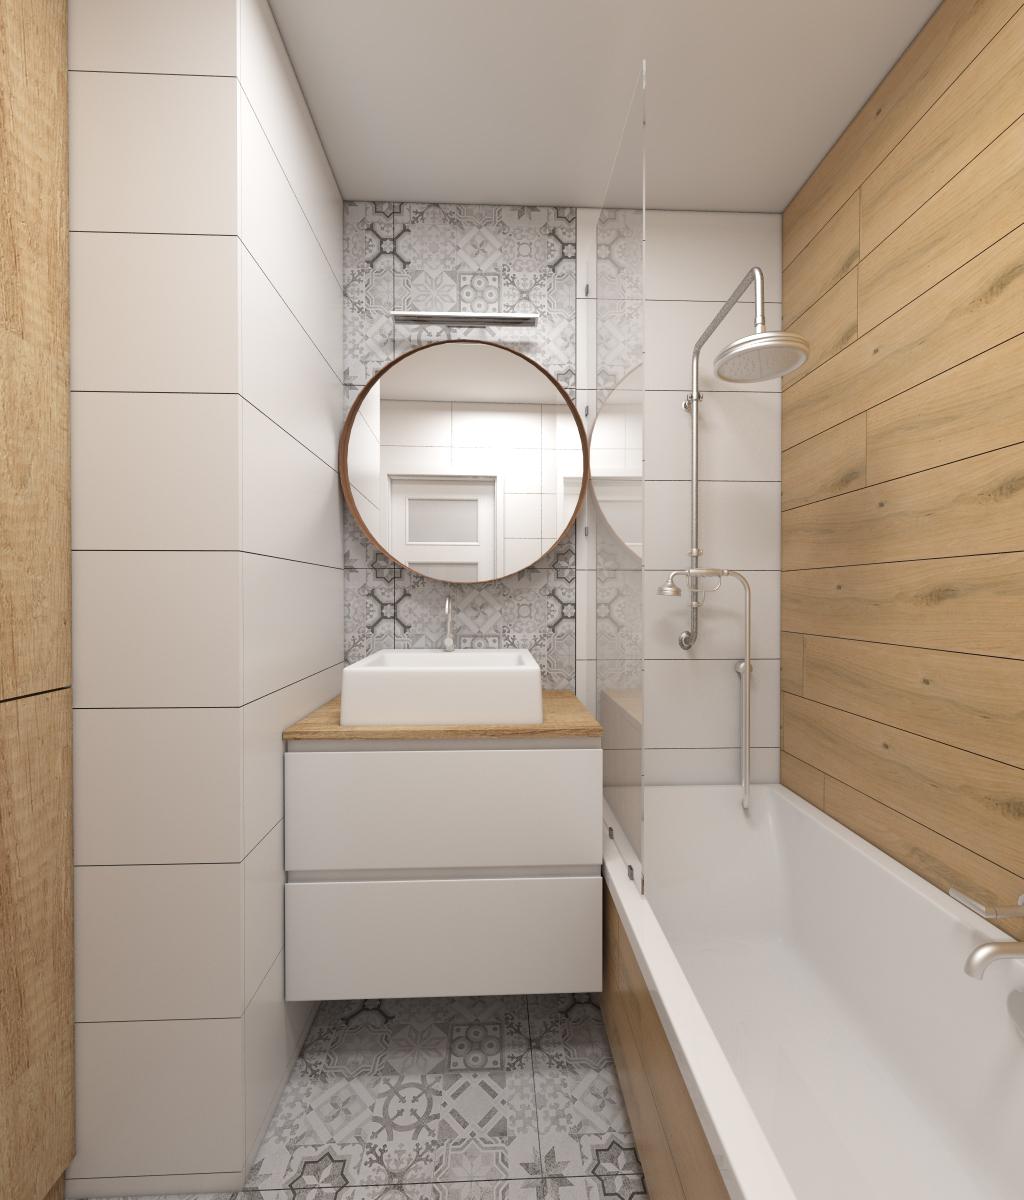 łazienka w drewnie bieli i szarości